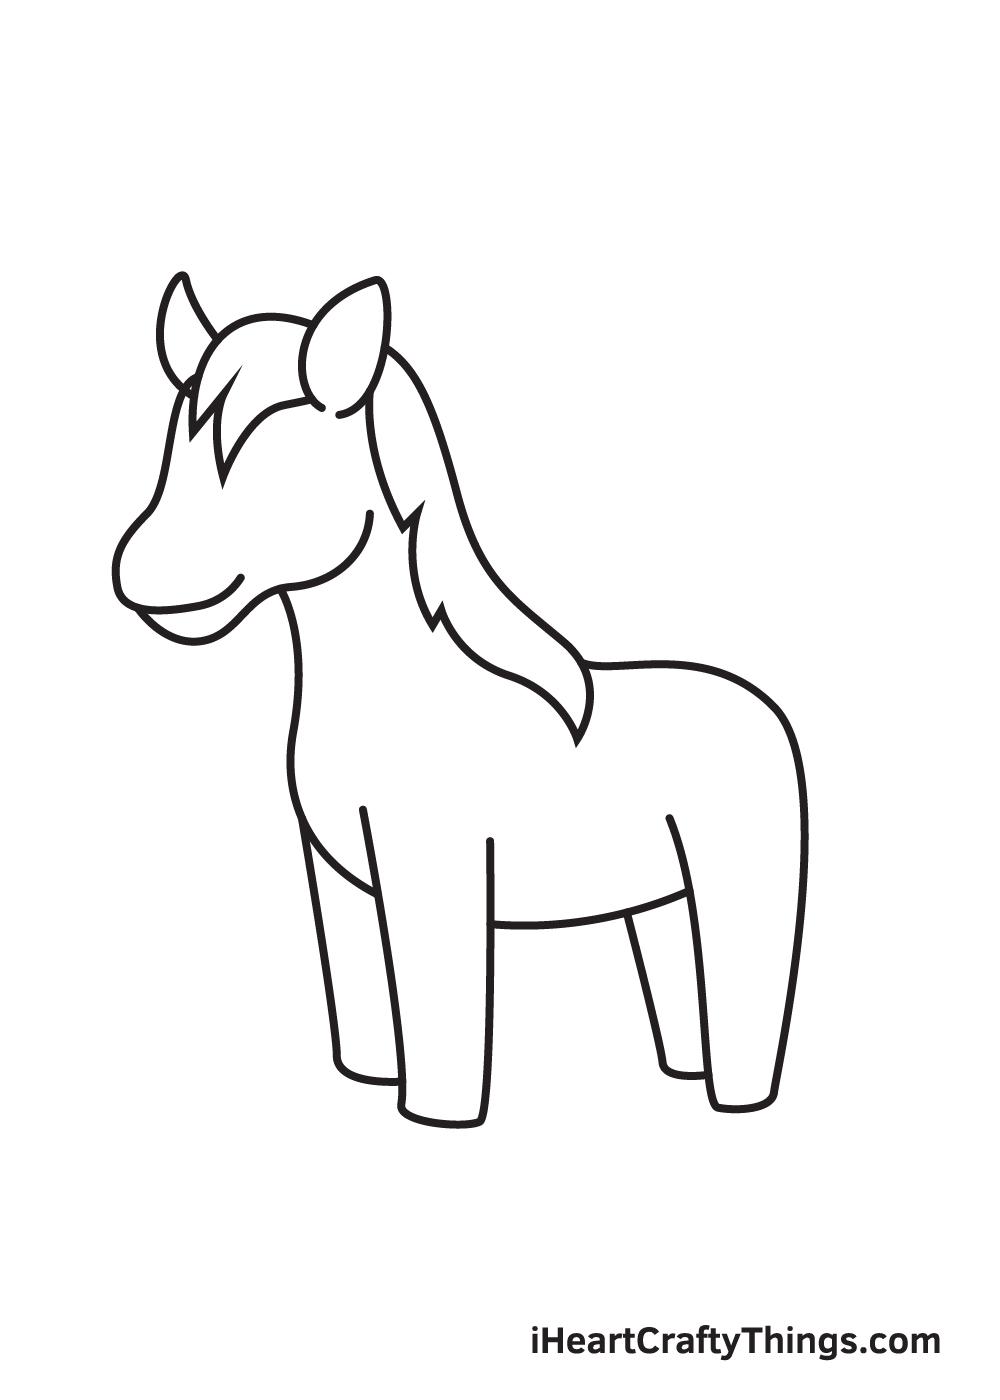 vẽ ngựa - bước 6